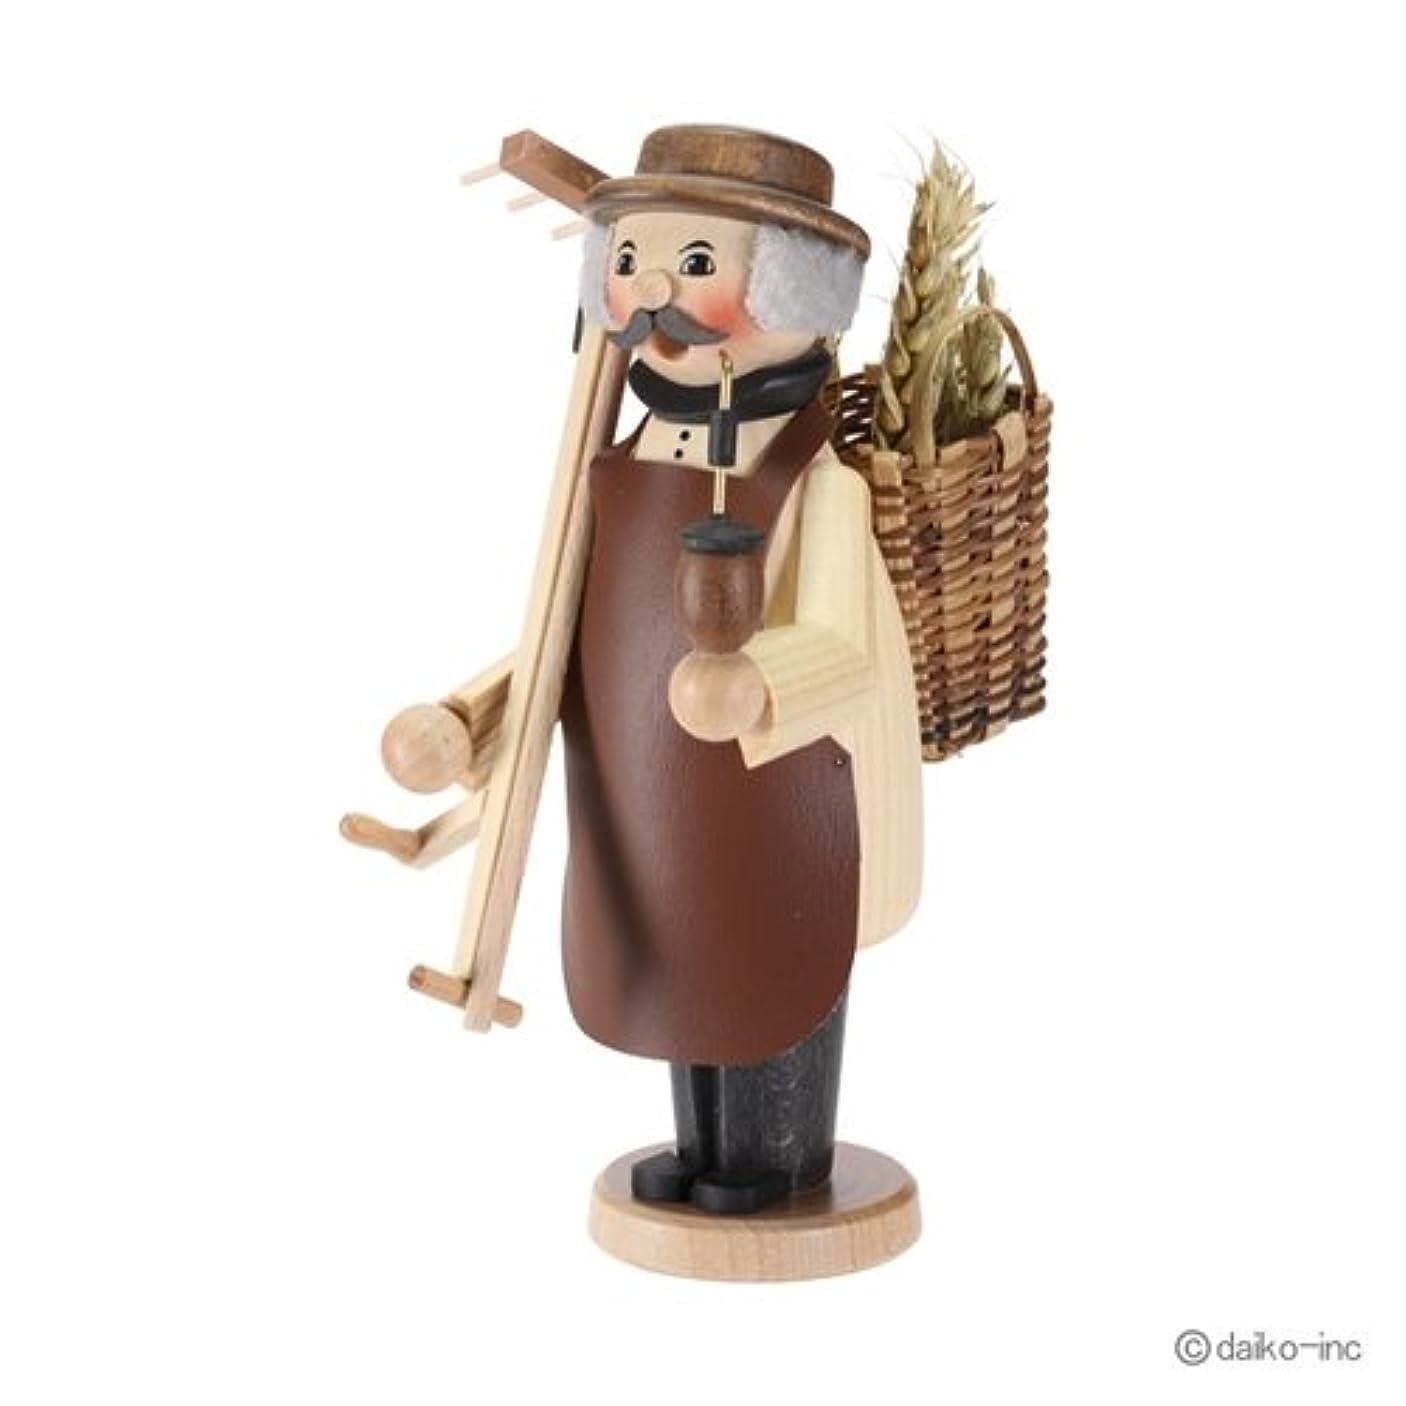 ファイルレパートリー一致するクーネルト kuhnert ミニパイプ人形香炉 農夫